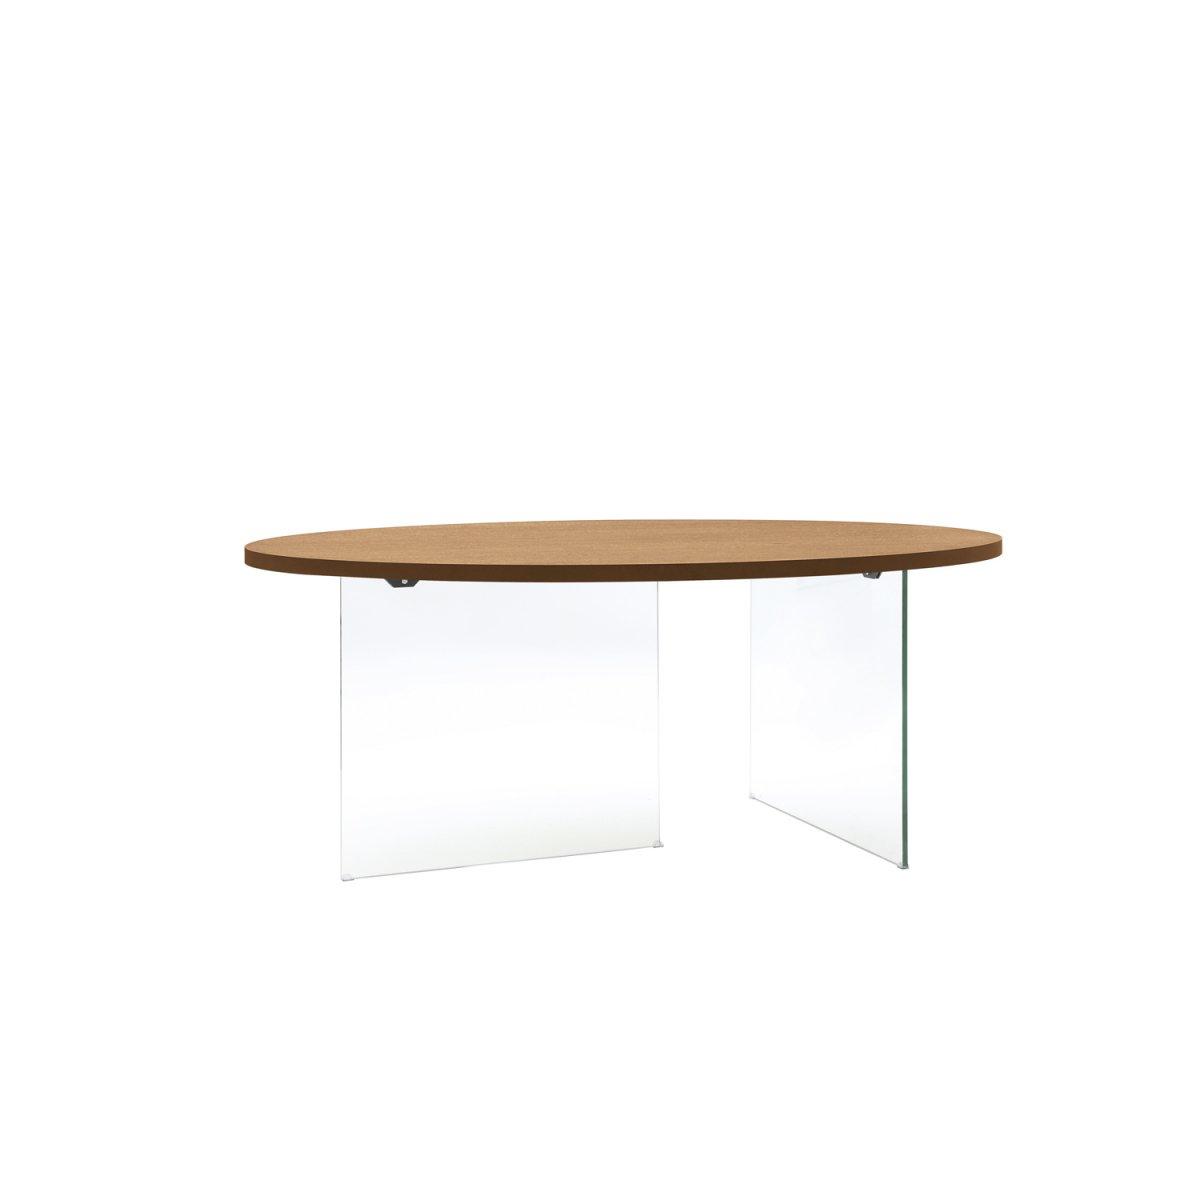 Loft tavolo ovale rovere e cristallo lf135 loft tavoli e sedie tavoli - Tavolo cristallo ovale ...